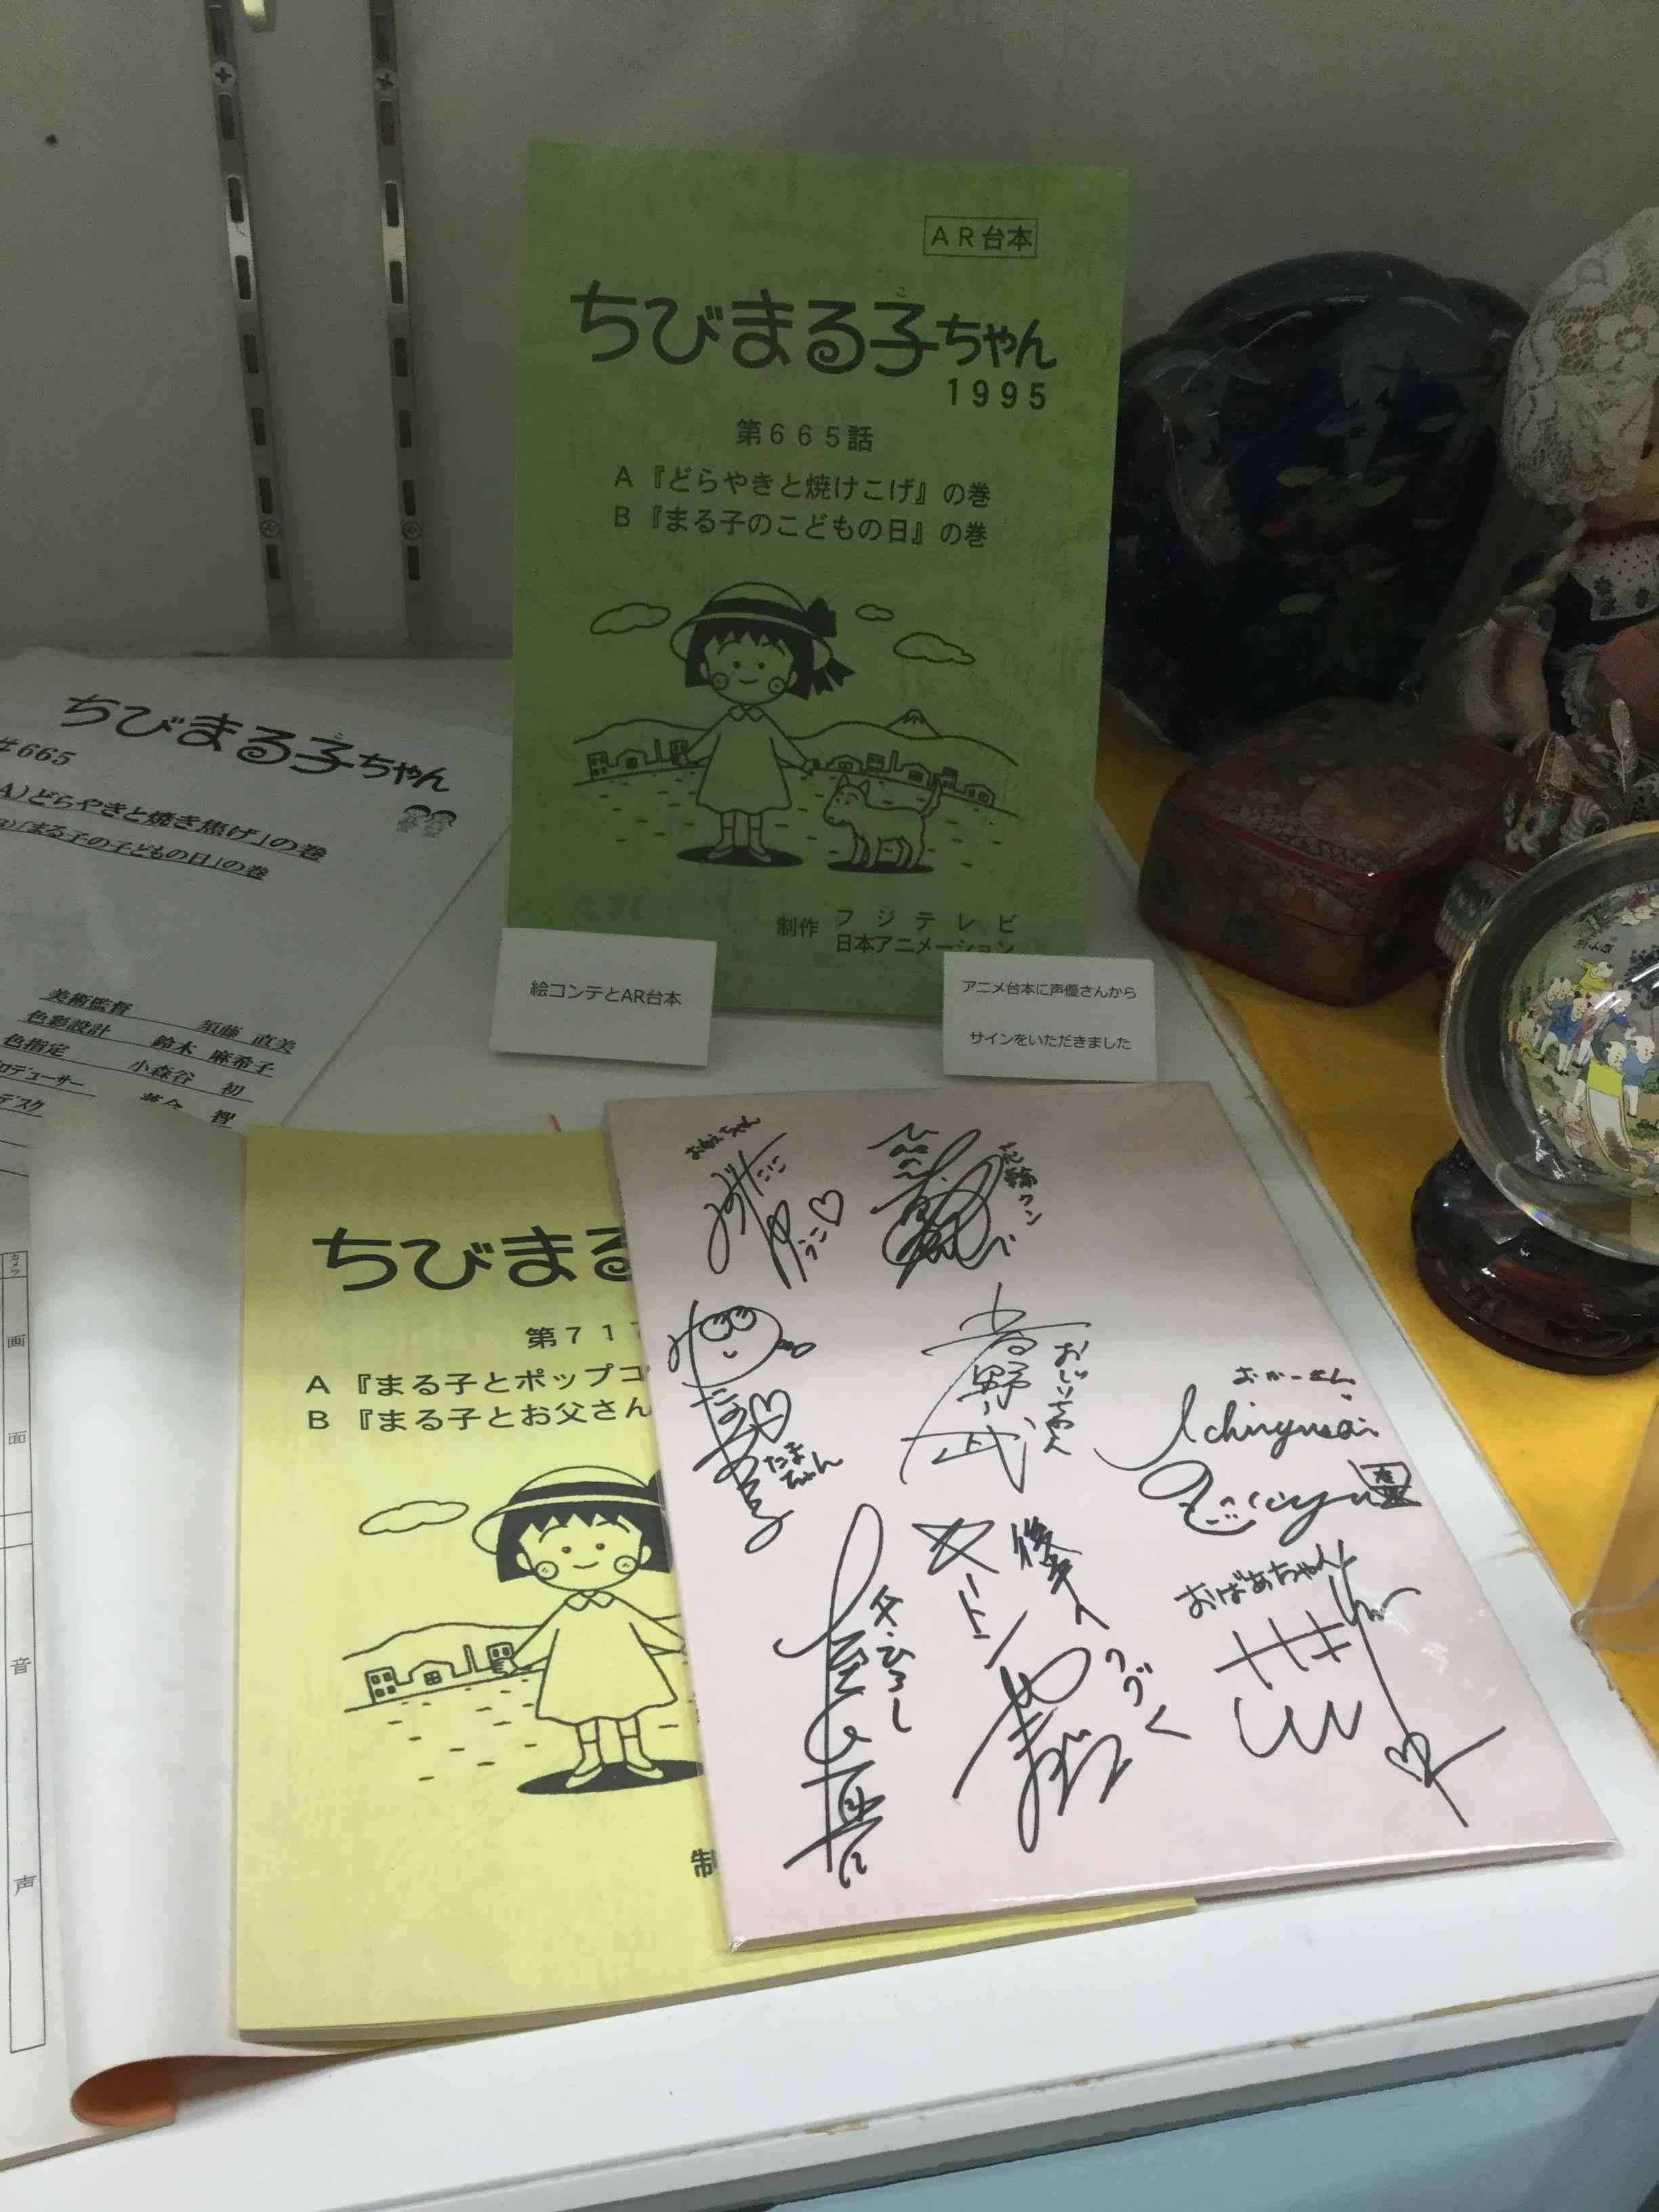 アニメちびまる子ちゃん台本と出演者サイン